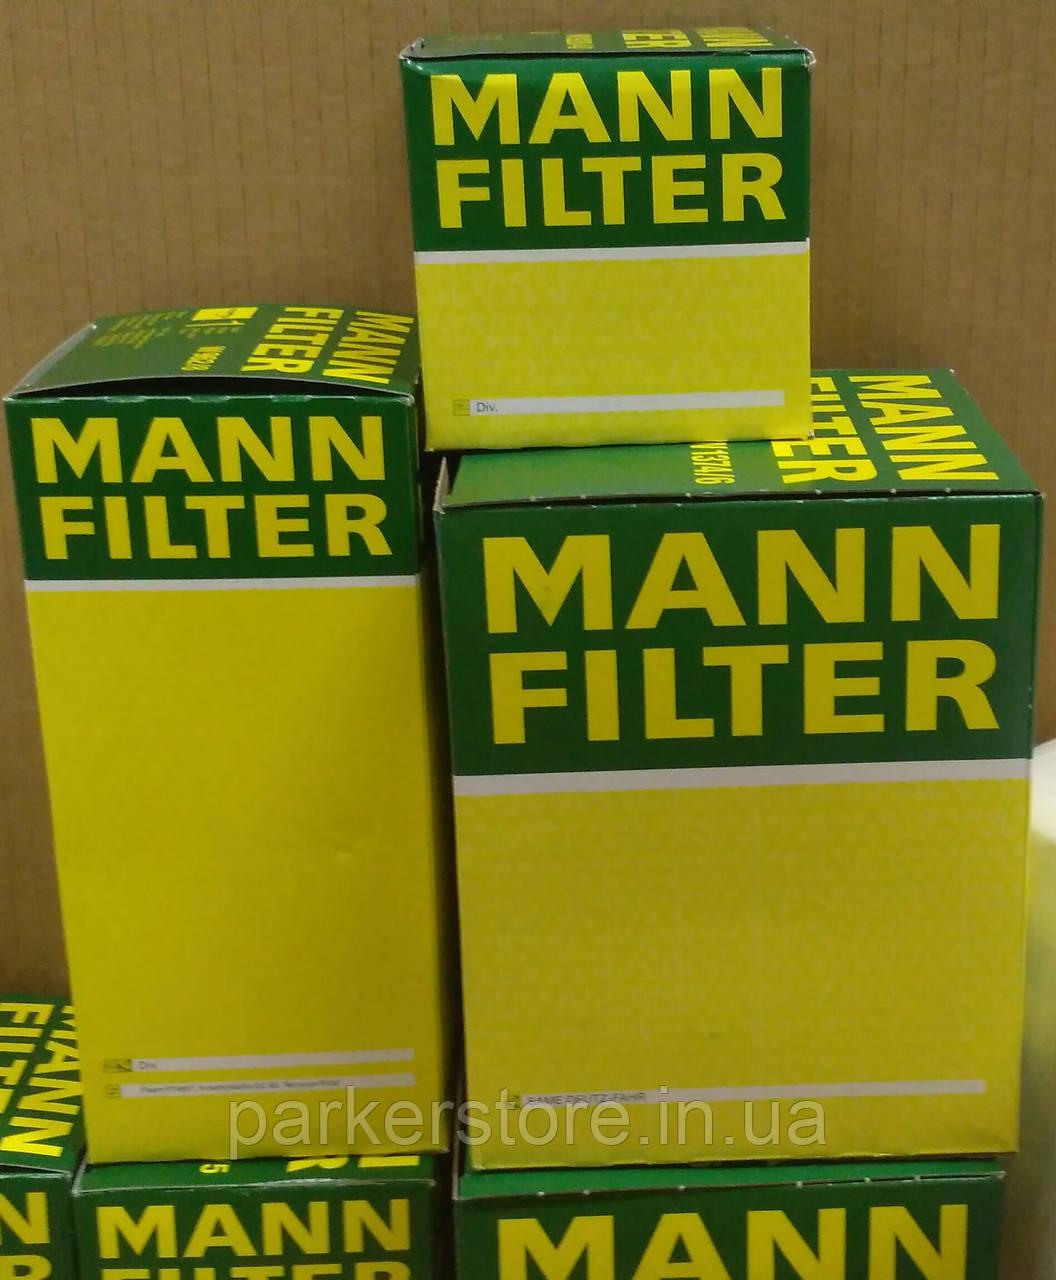 MANN FILTER / Повітряний фільтр / C 24 028 / C24028